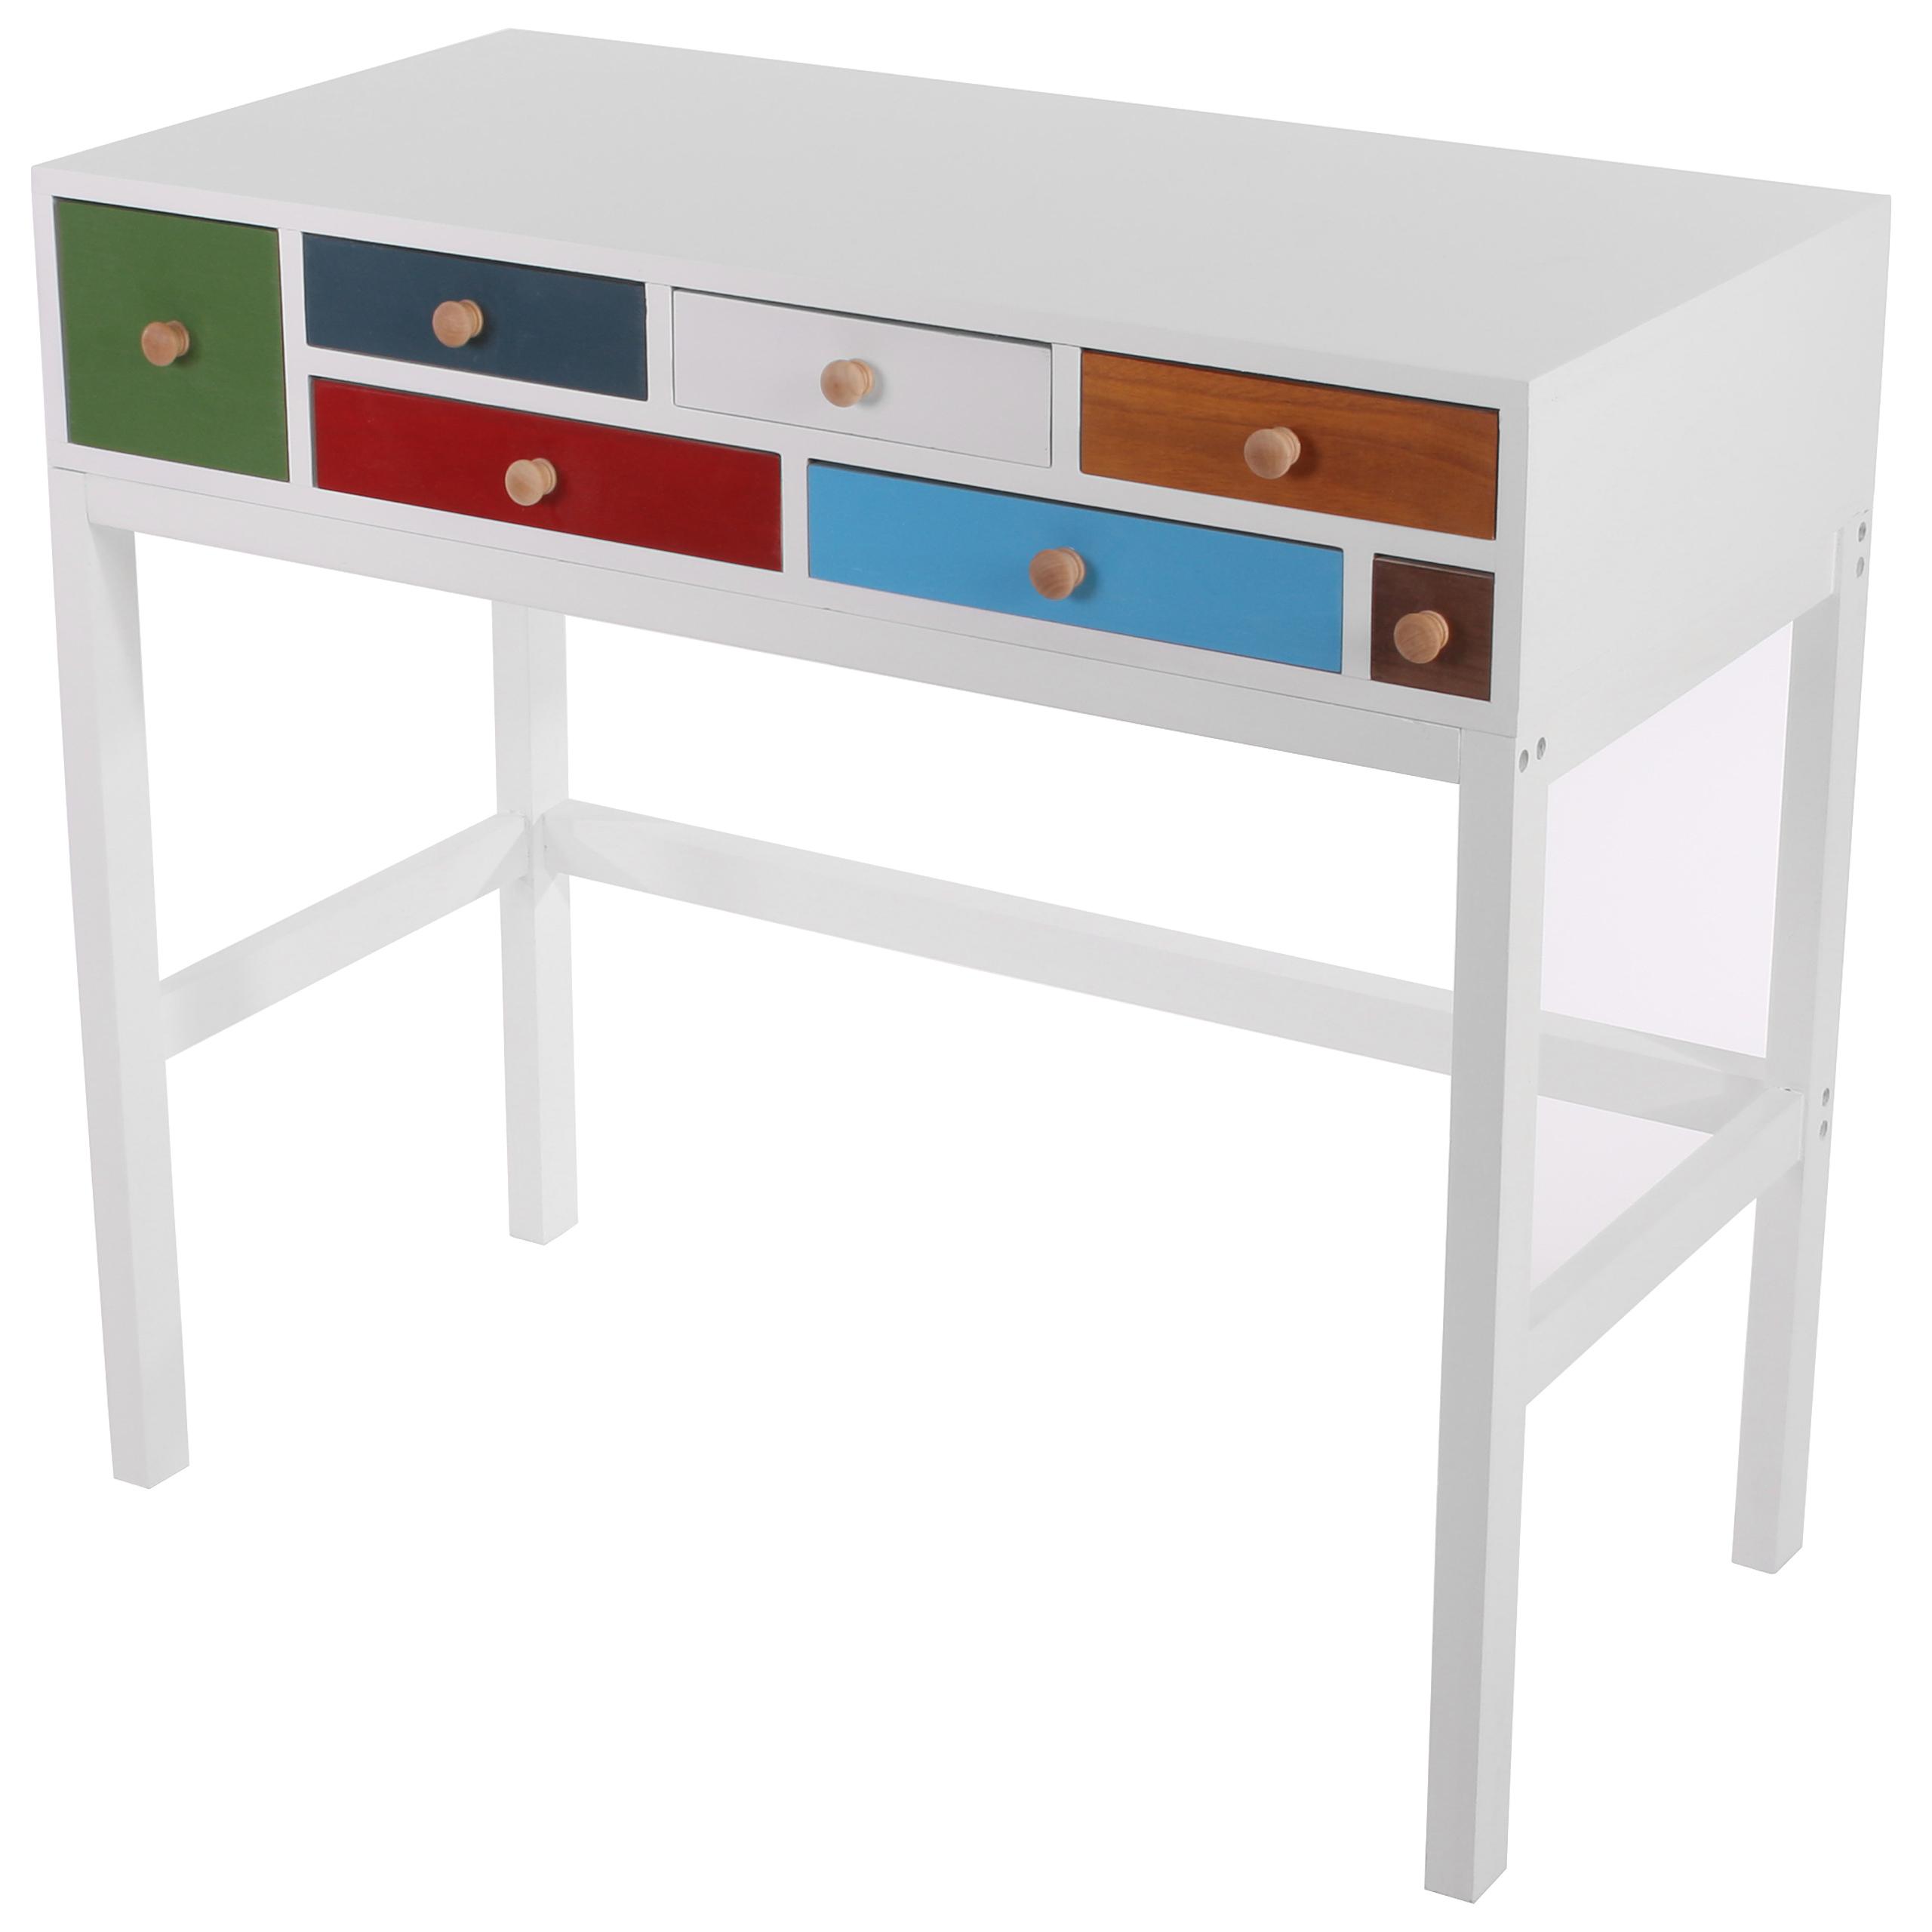 Sideboard kommode tisch 90x80x45cm patchwork ebay for Sideboard tisch